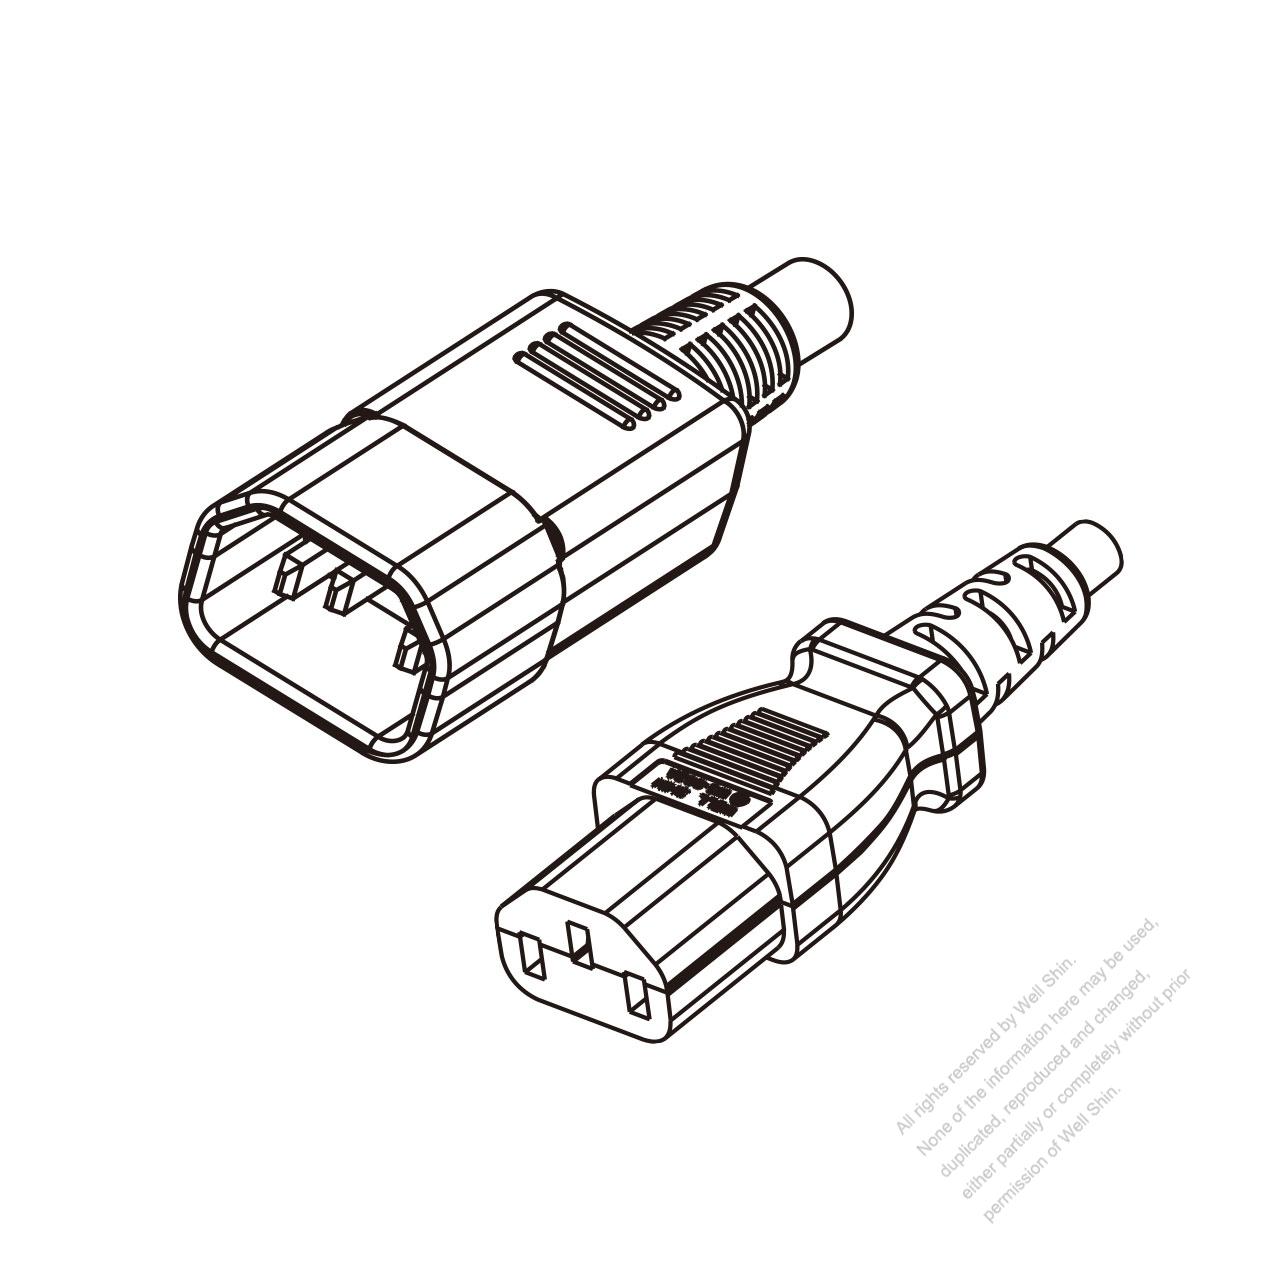 Uk 3 Pin Iec 320 Sheet E Plug To Iec 320 C13 Power Cord